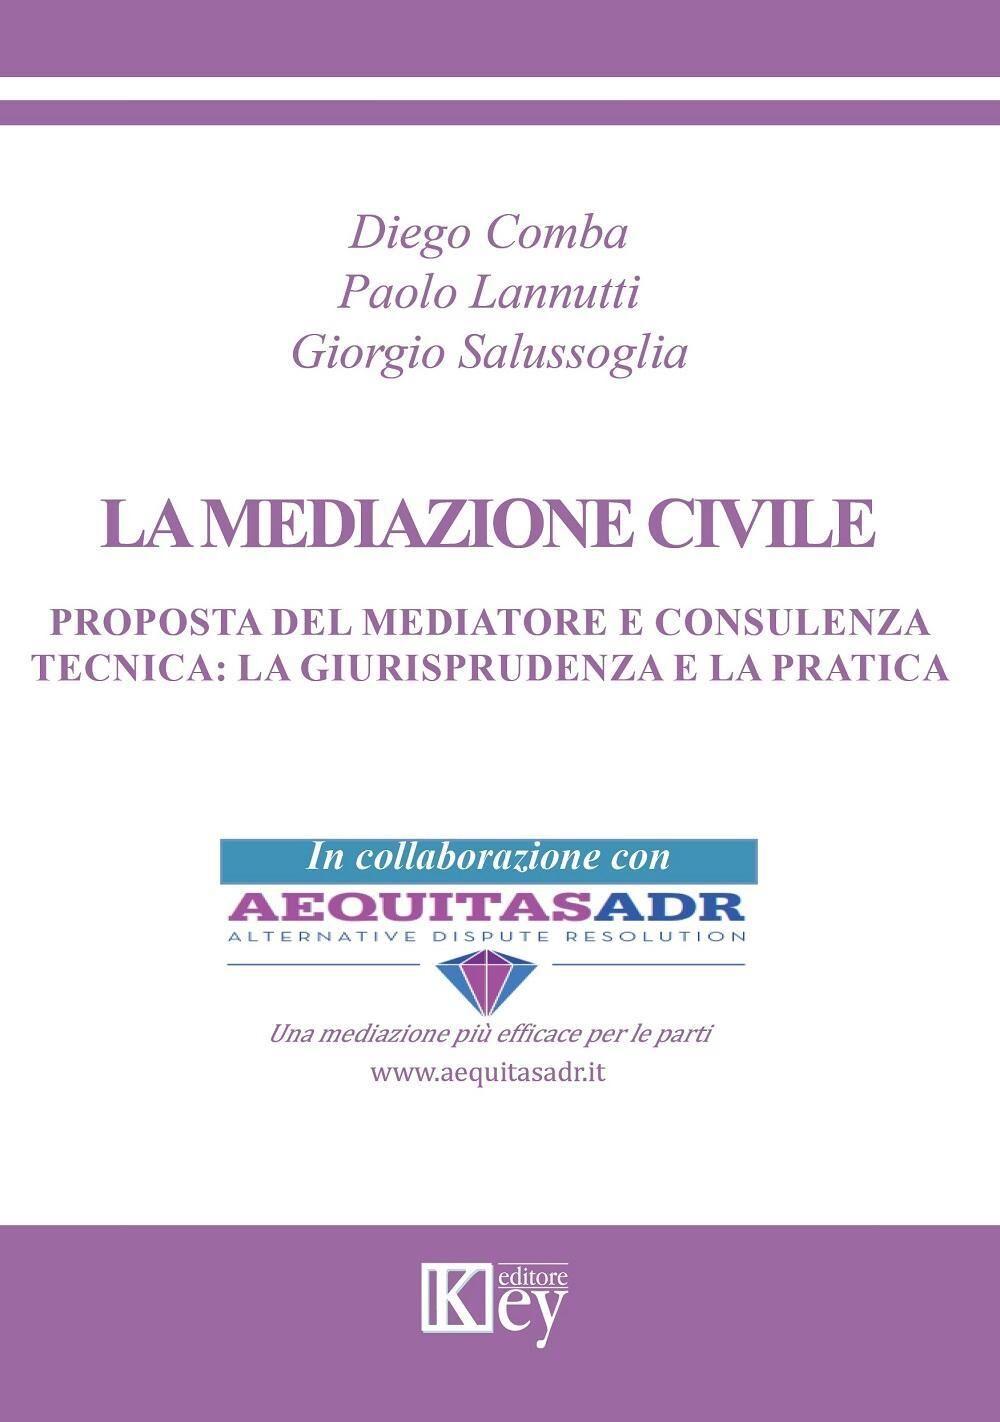 La mediazione civile. Proposta del mediatore e consulenza tecnica. La giurisprudenza e la pratica